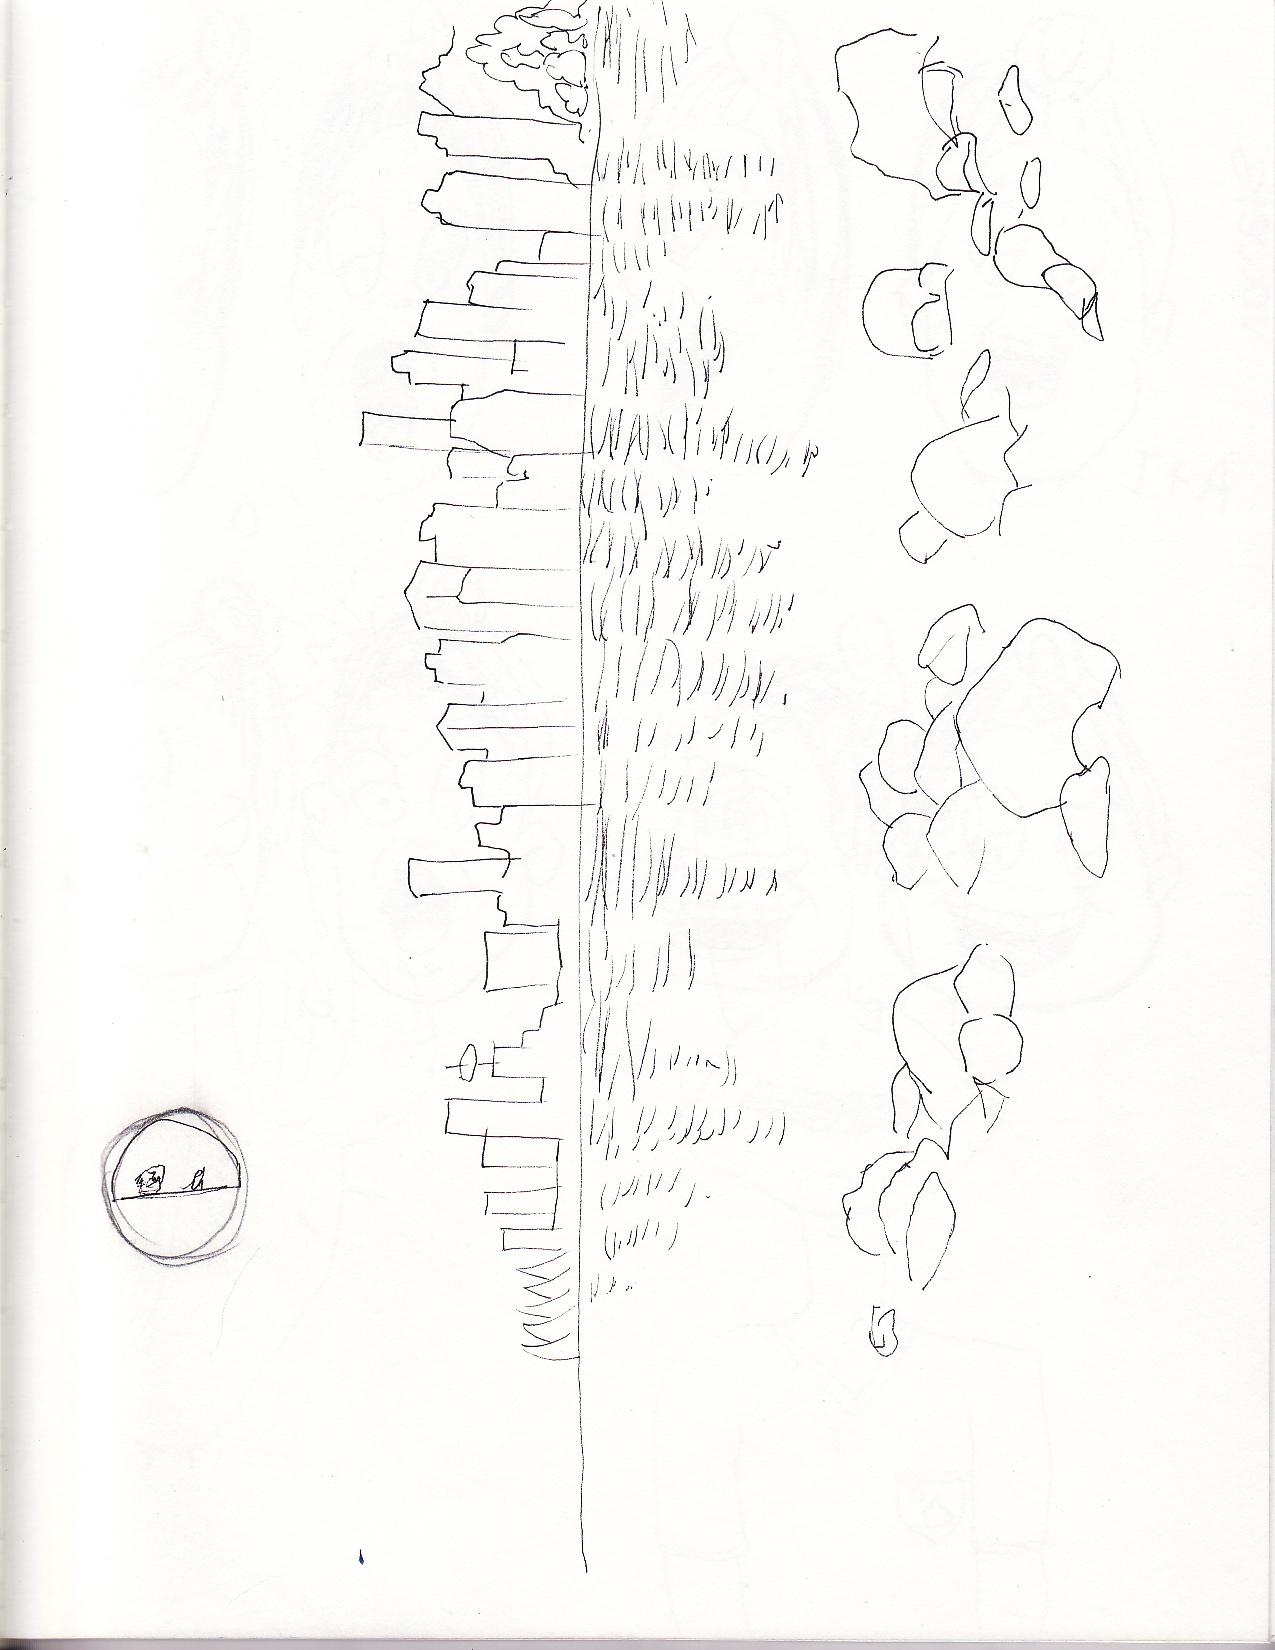 1275x1650 Treeeyeproductions Layouts Sketchbook